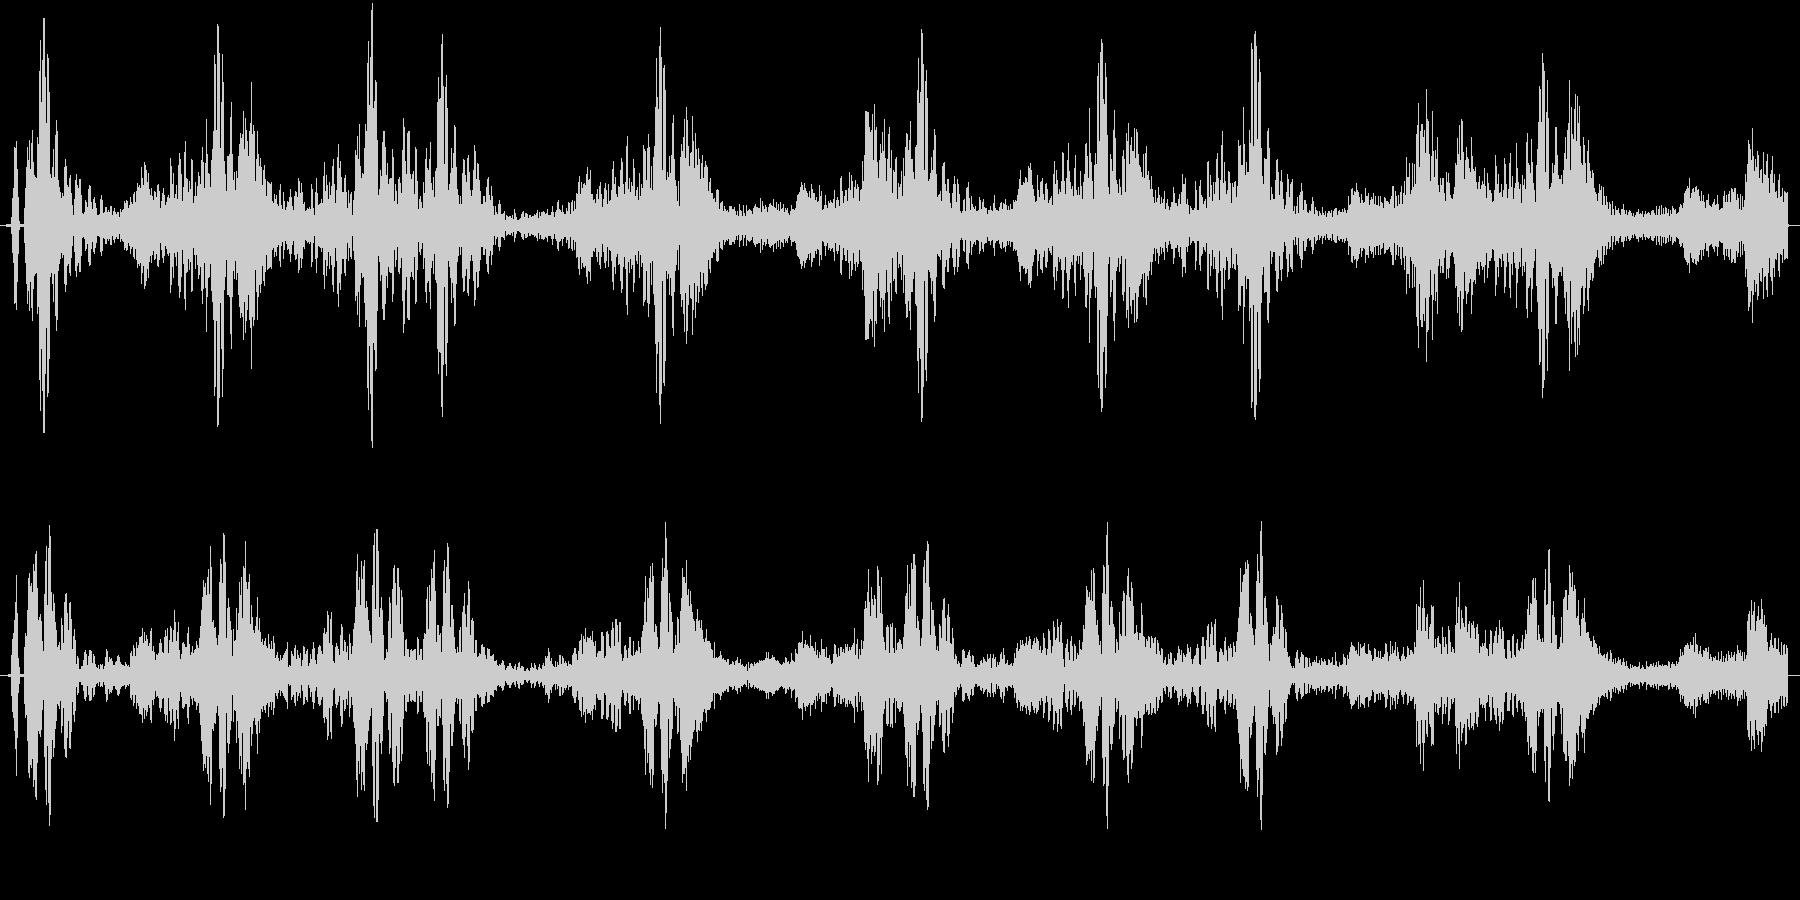 ドラムループ可能 ハイブリット系01!の未再生の波形